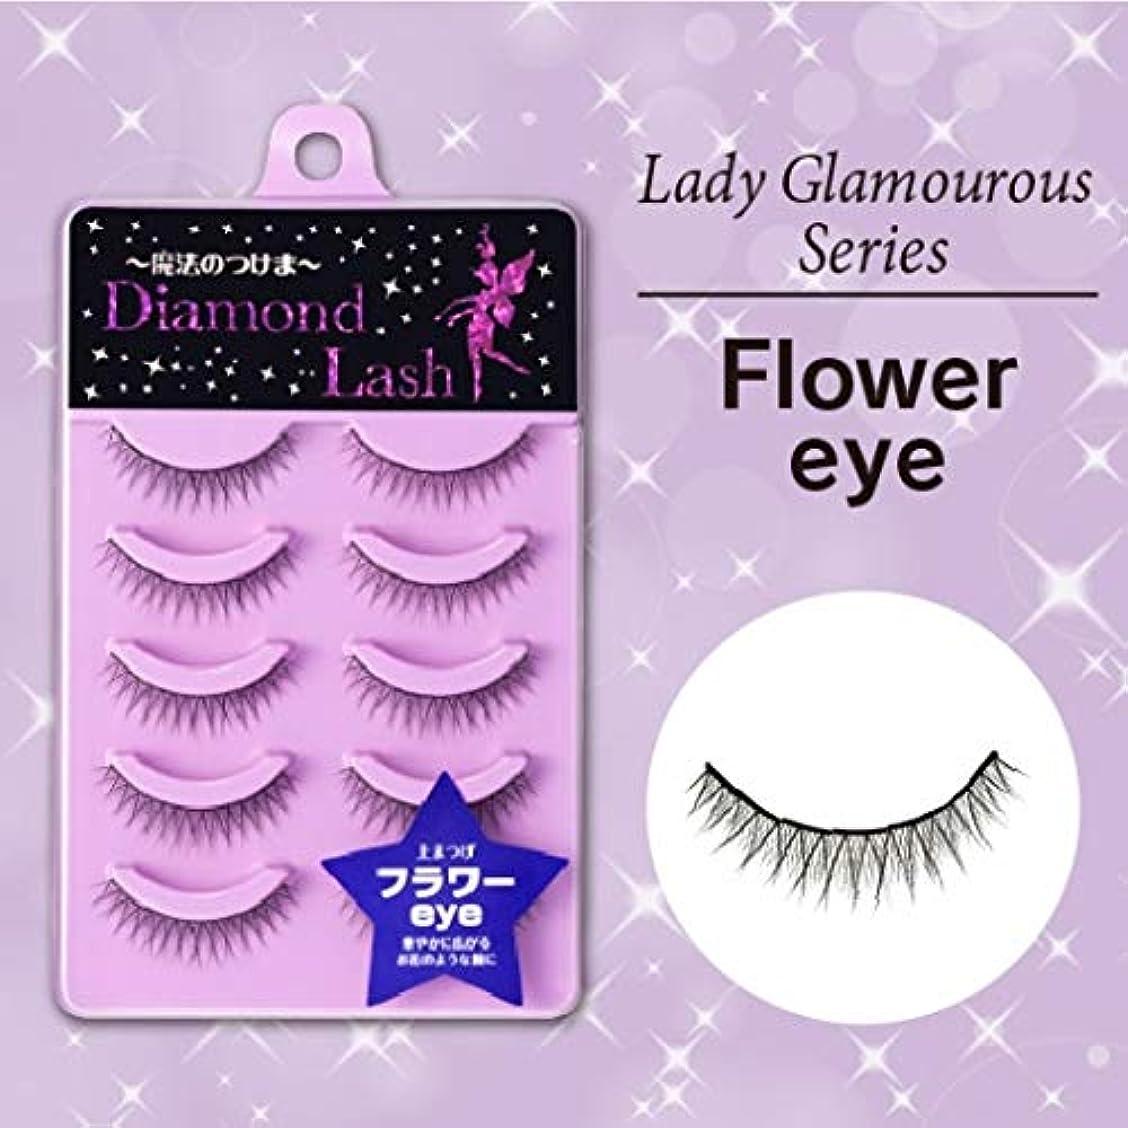 食い違い特に列挙するDiamond Lash(ダイヤモンドラッシュ) レディグラマスシリーズ フラワーeye